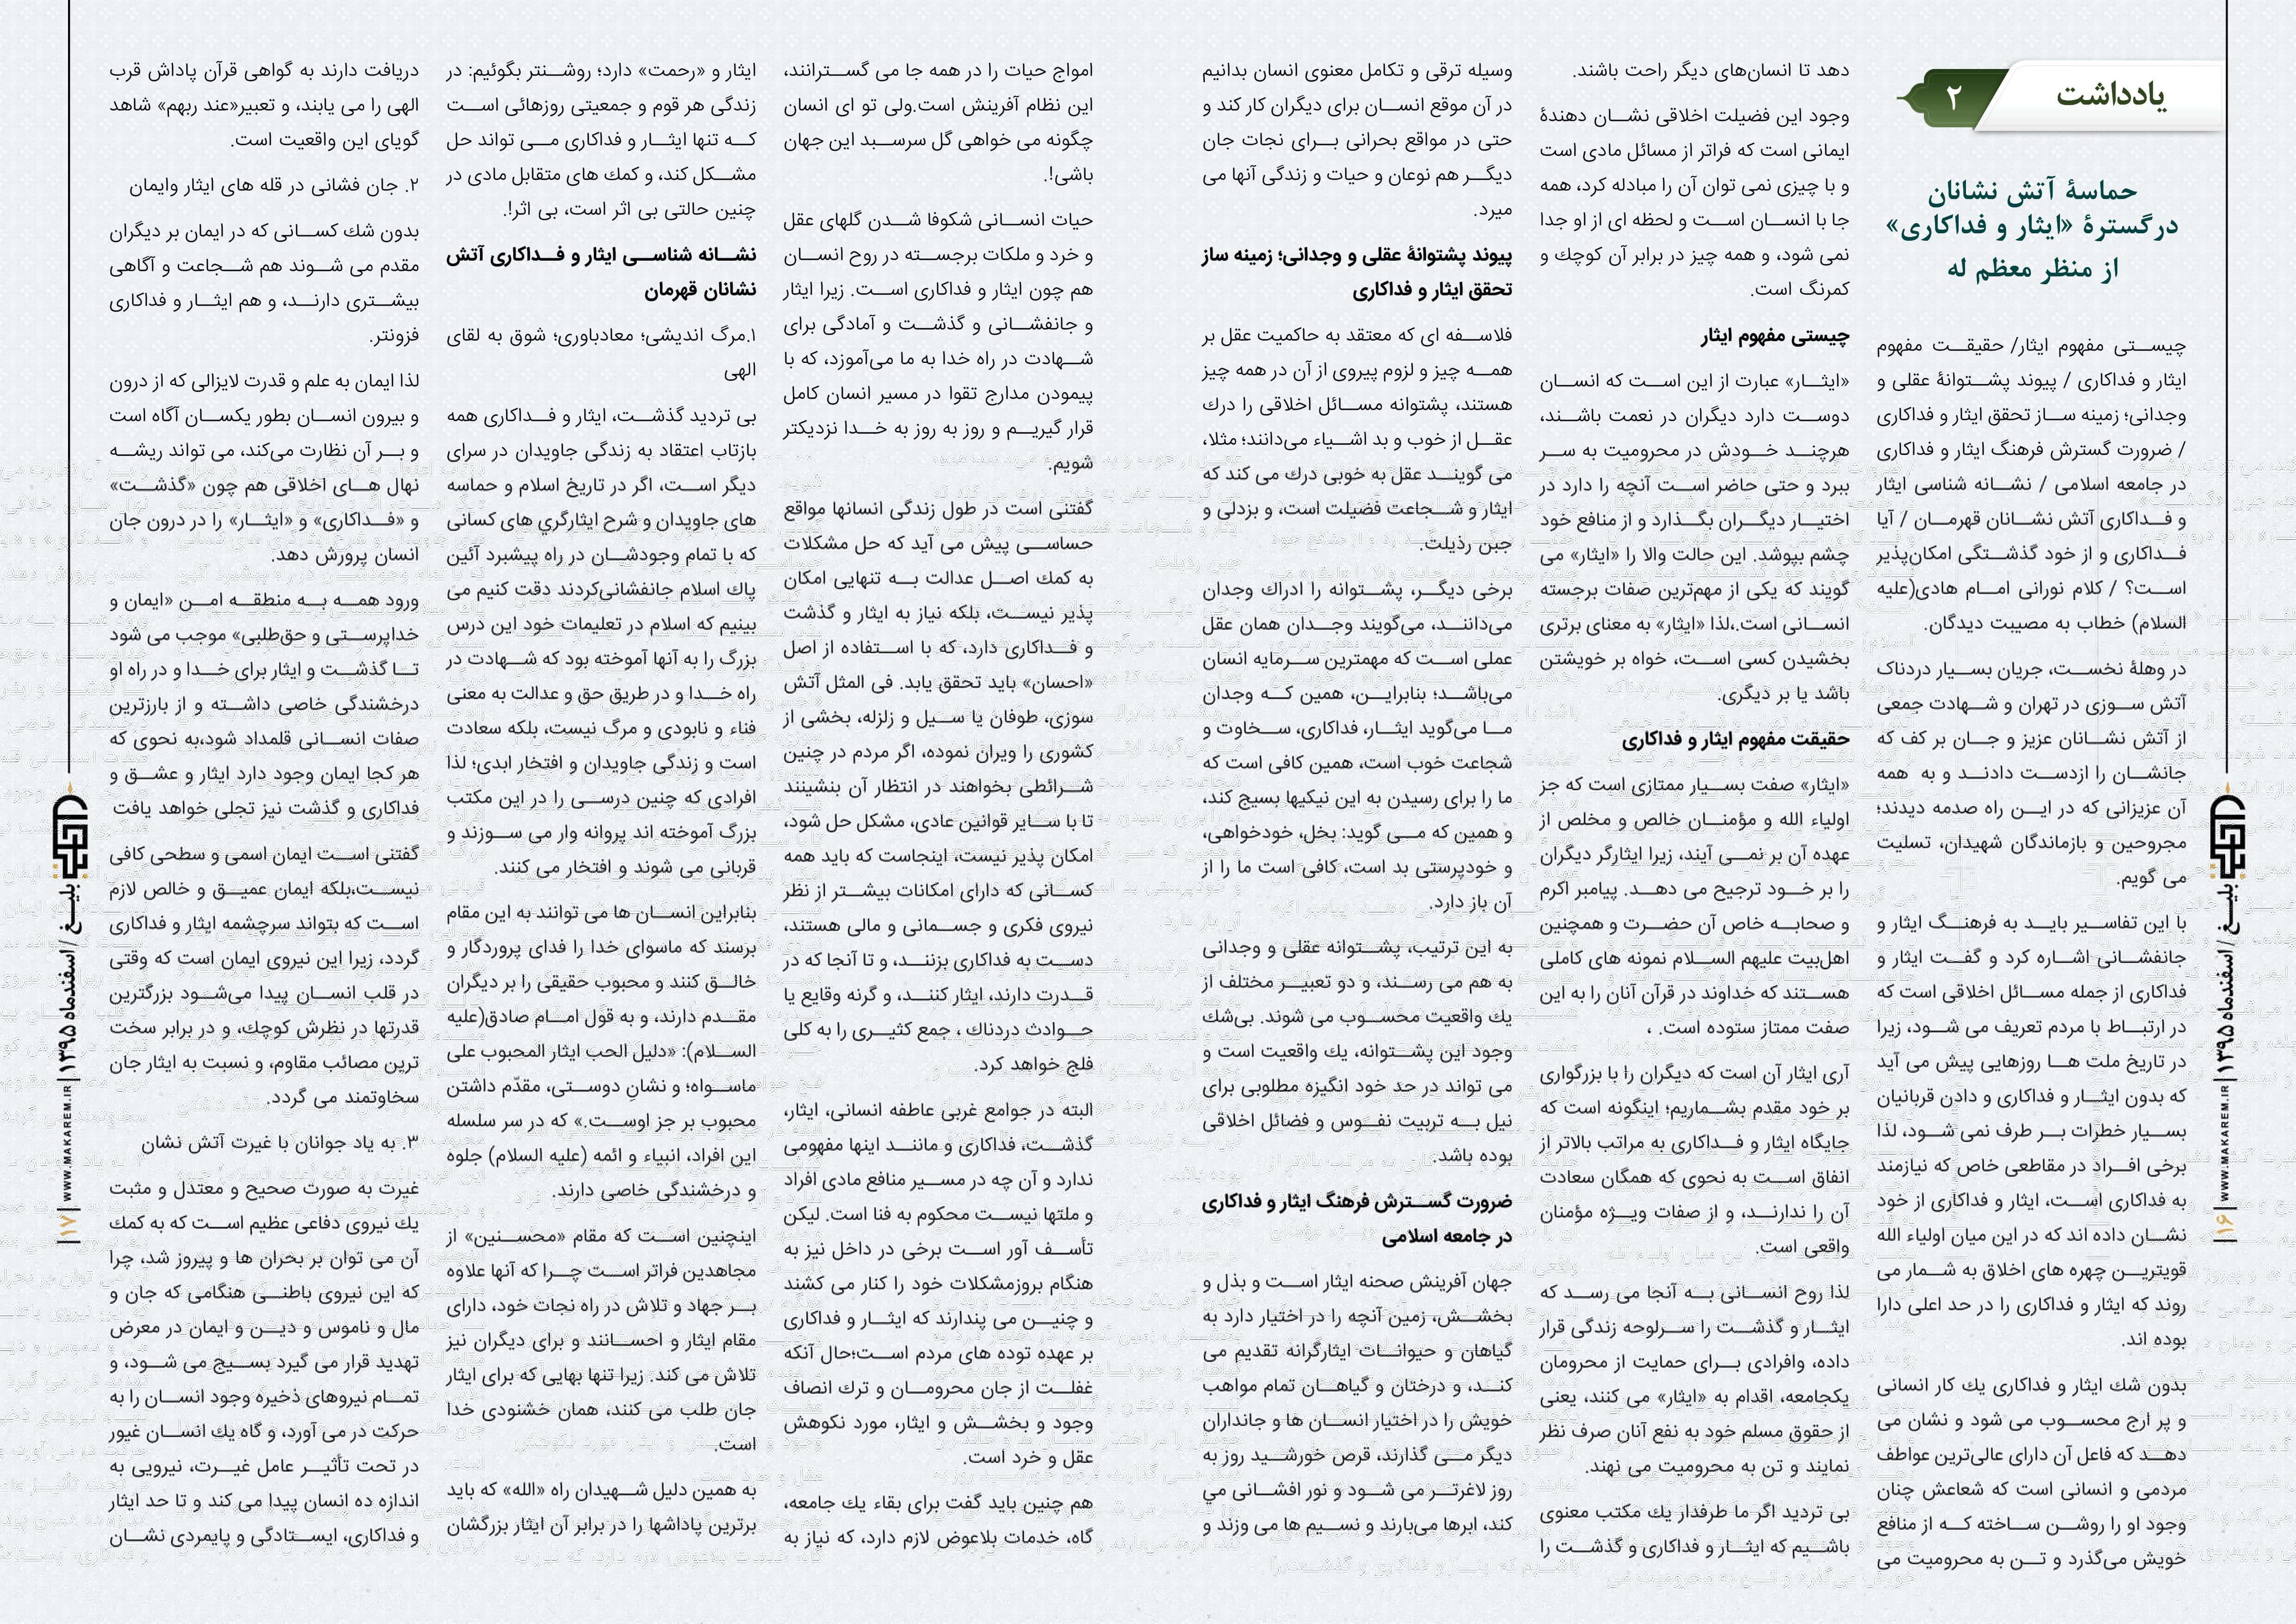 حماسۀ آتش نشانان درگسترۀ «ایثار و فداکاری» از منظر معظم له-مدرسه الامام امیر المومنین (ع)